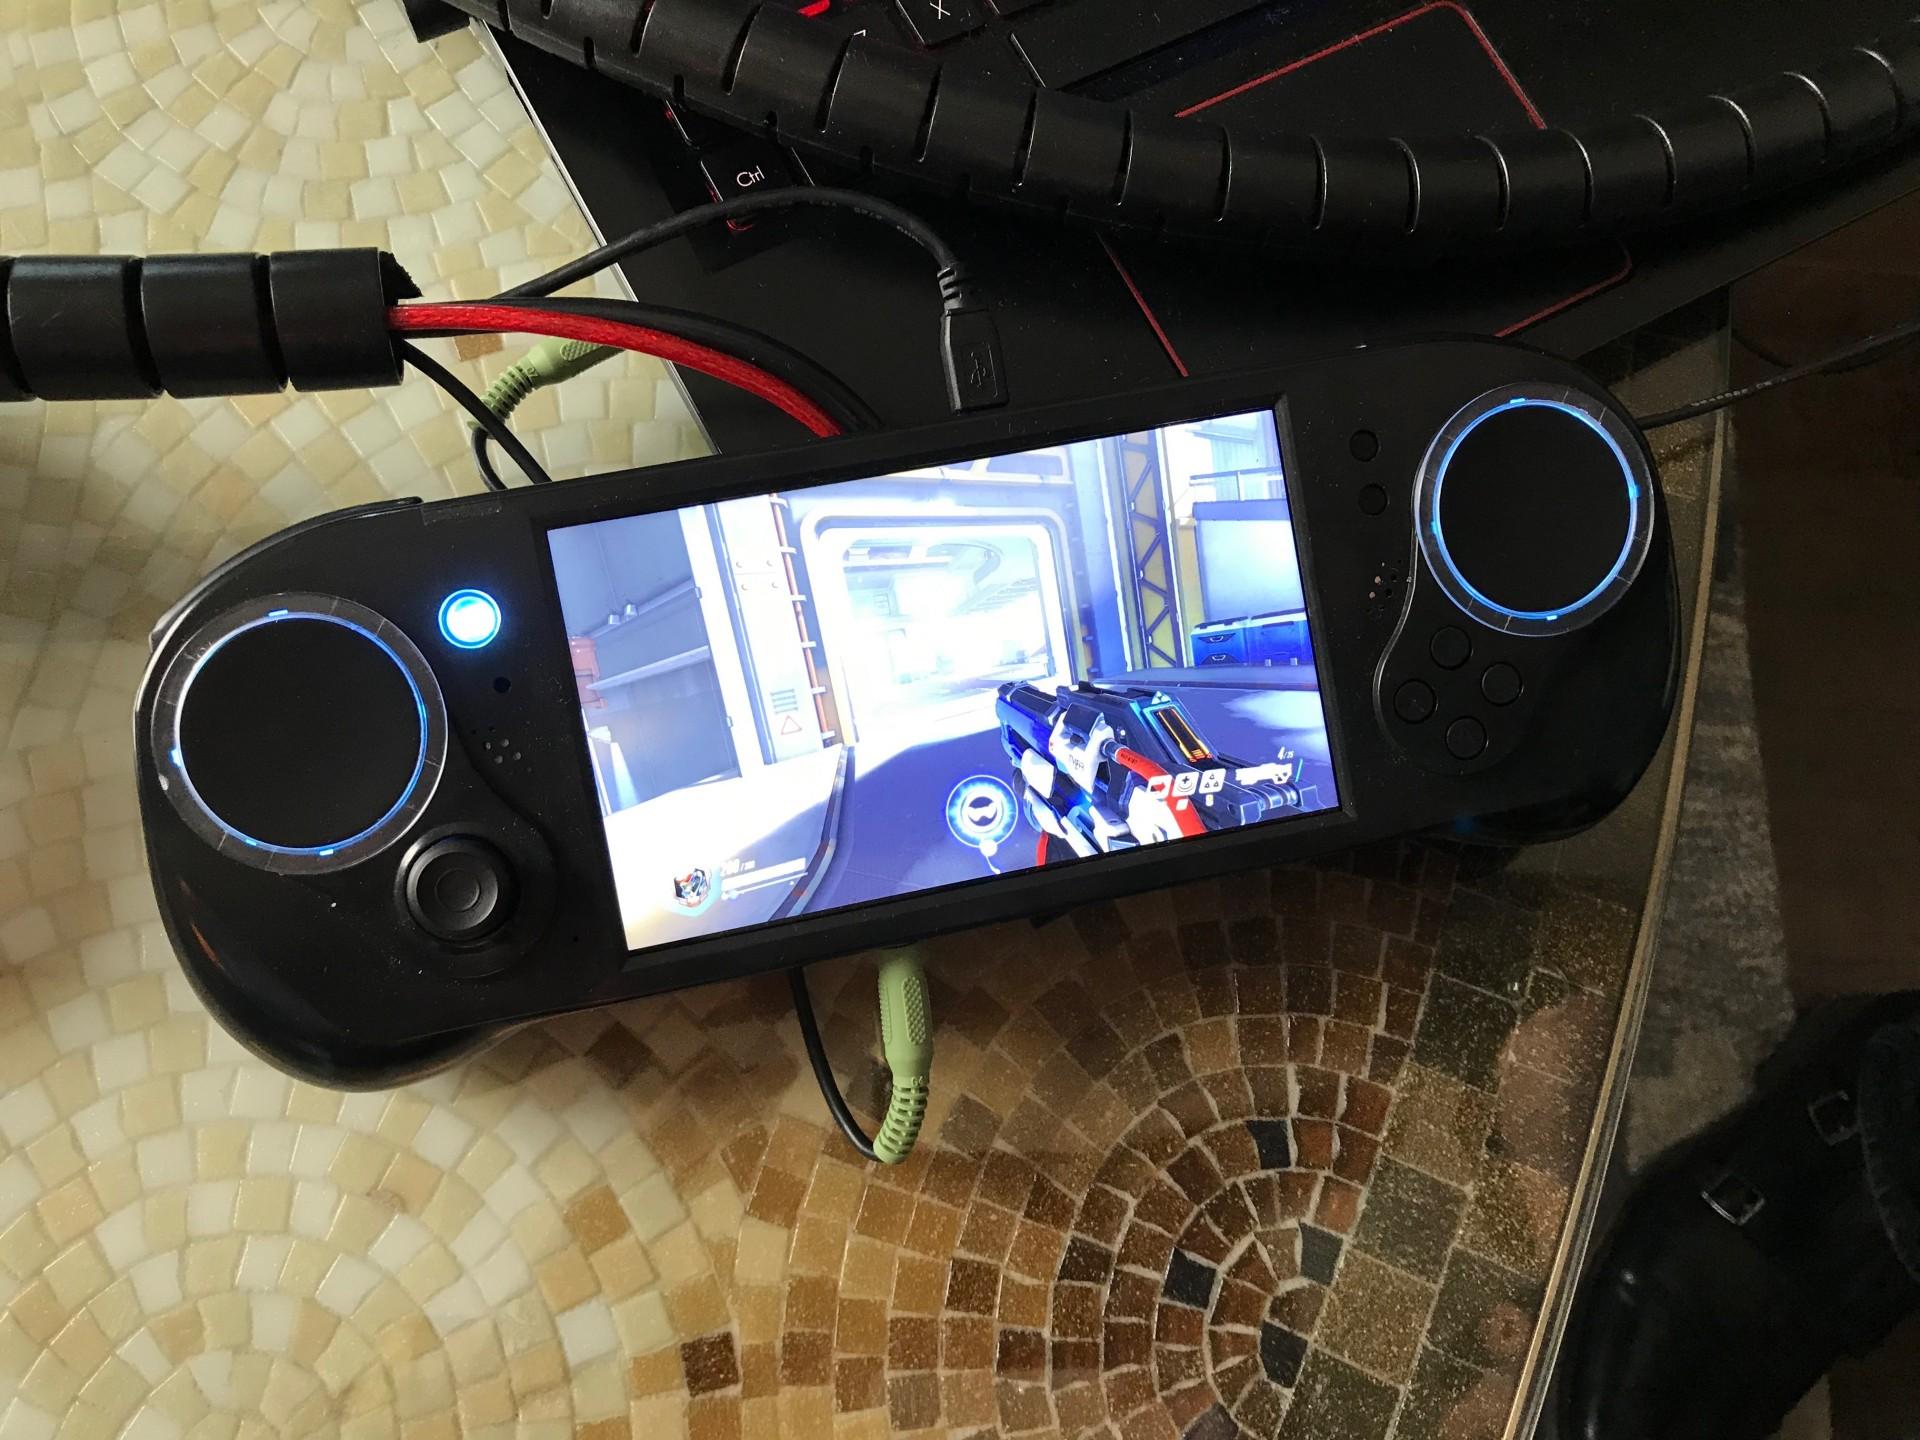 Smach Z ausprobiert: Neuer Blick auf das Handheld für PC-Spieler -